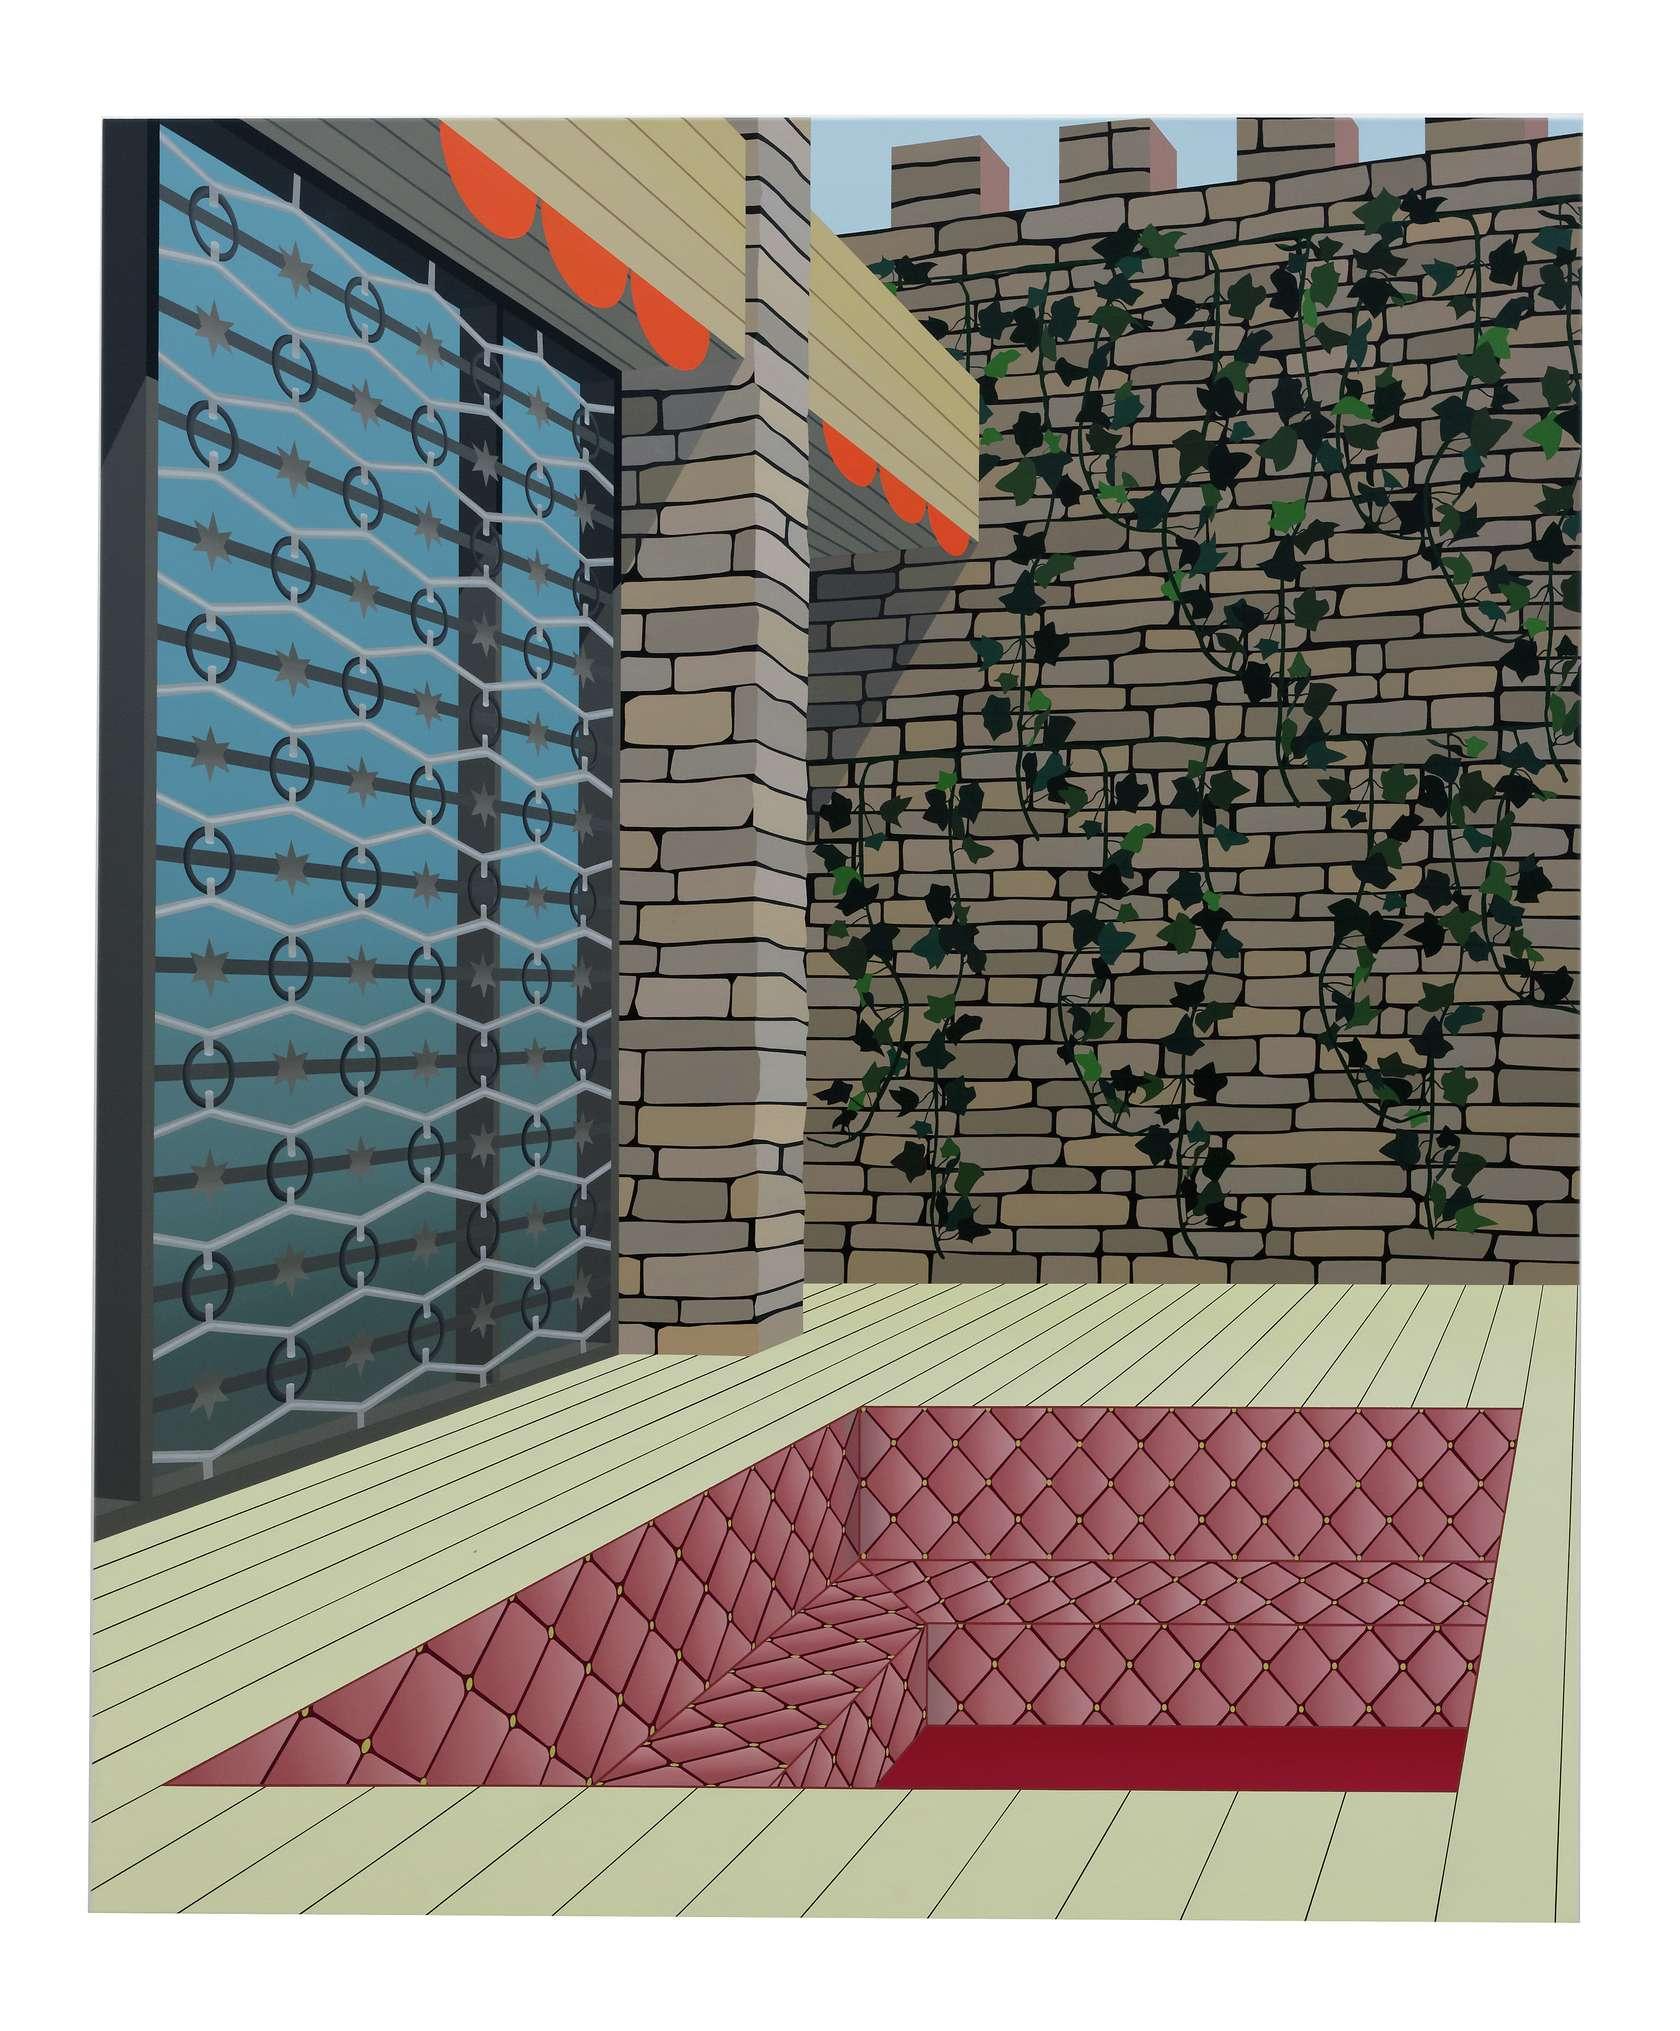 Amélie Bertrand, Sans titre, 2012 Huile sur toile170 x 140 cm / 66 7/8 x 55 1/8 inches